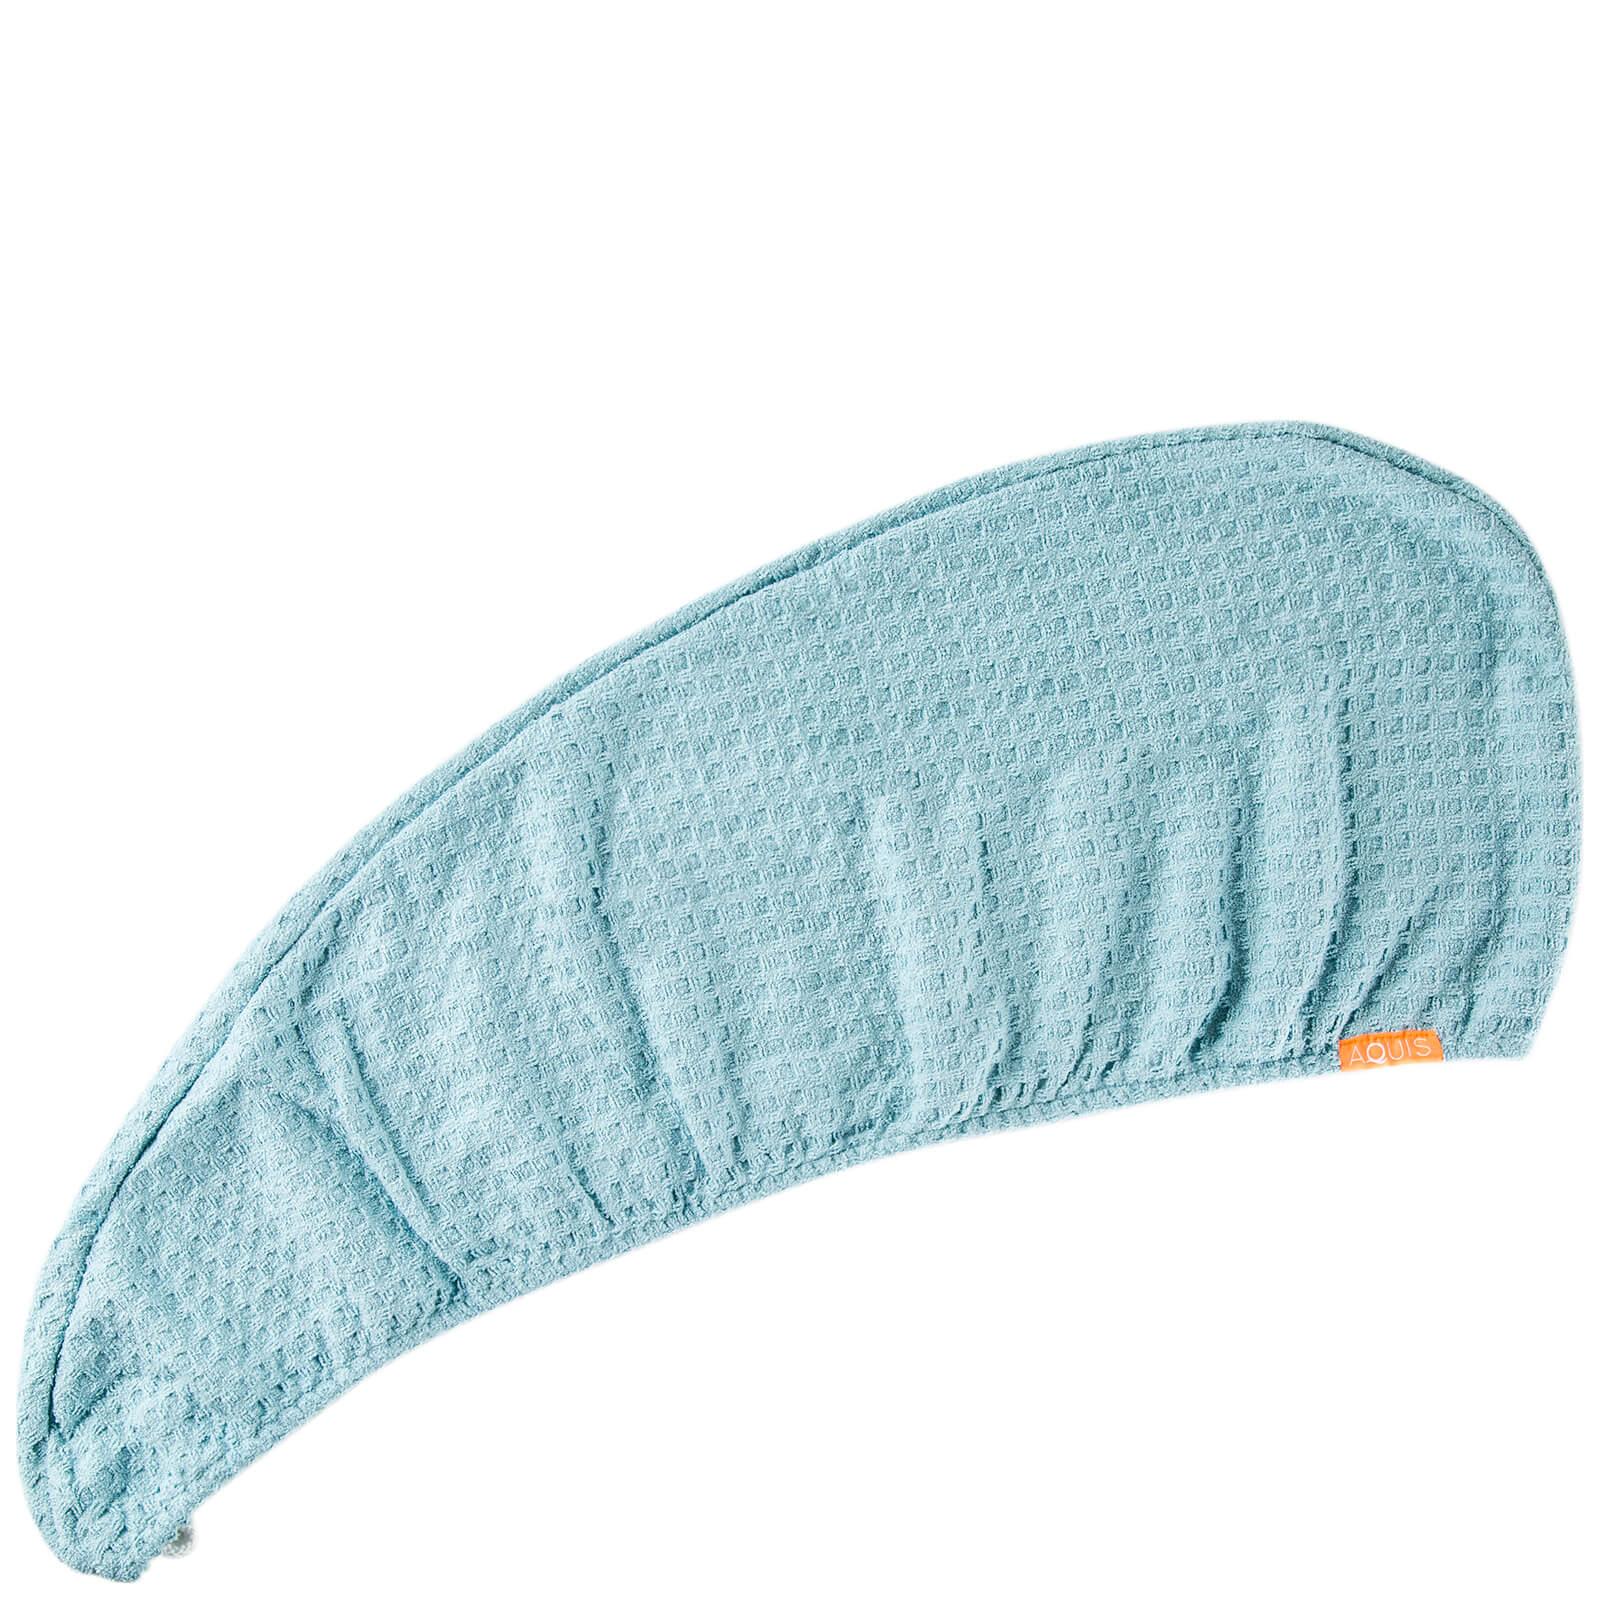 Aquis 快速吸水干发帽 网格版 蓝色